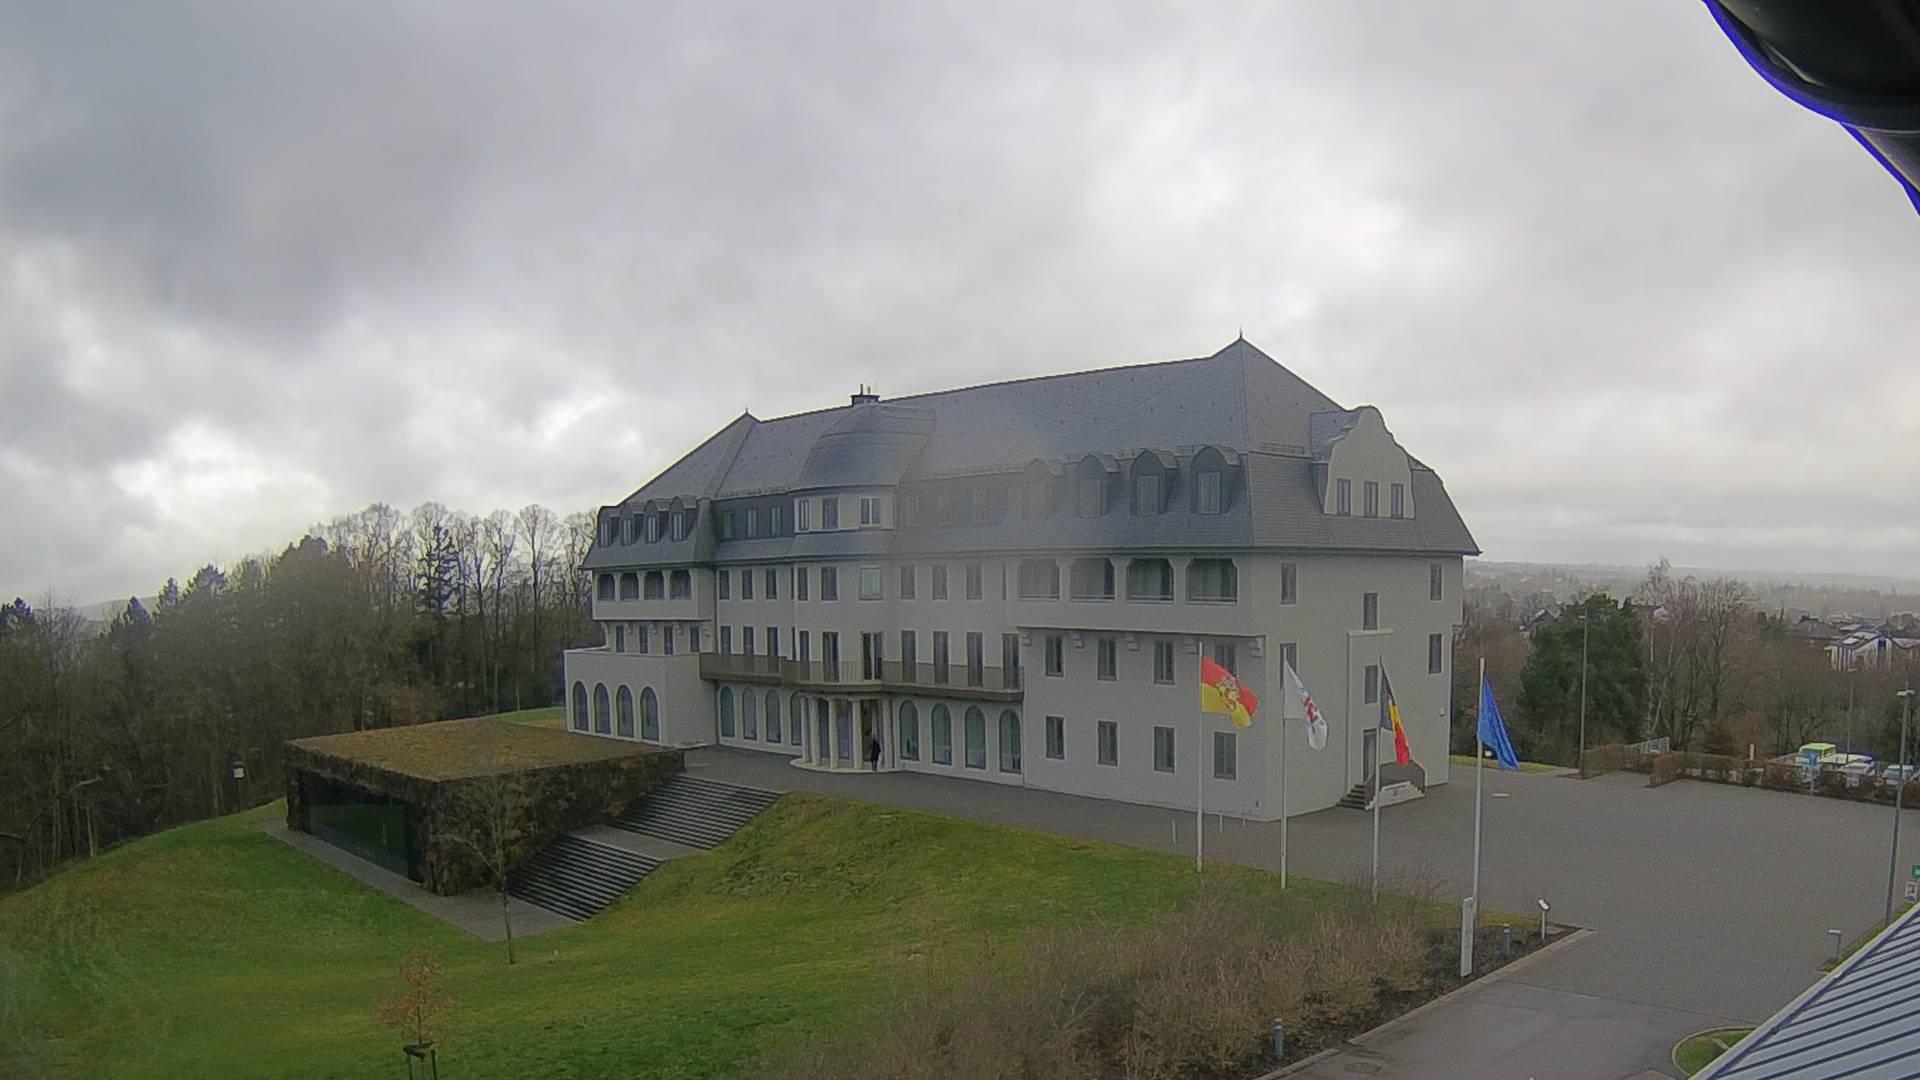 Bild: Live-Anzeige des Parlamentgebäudes